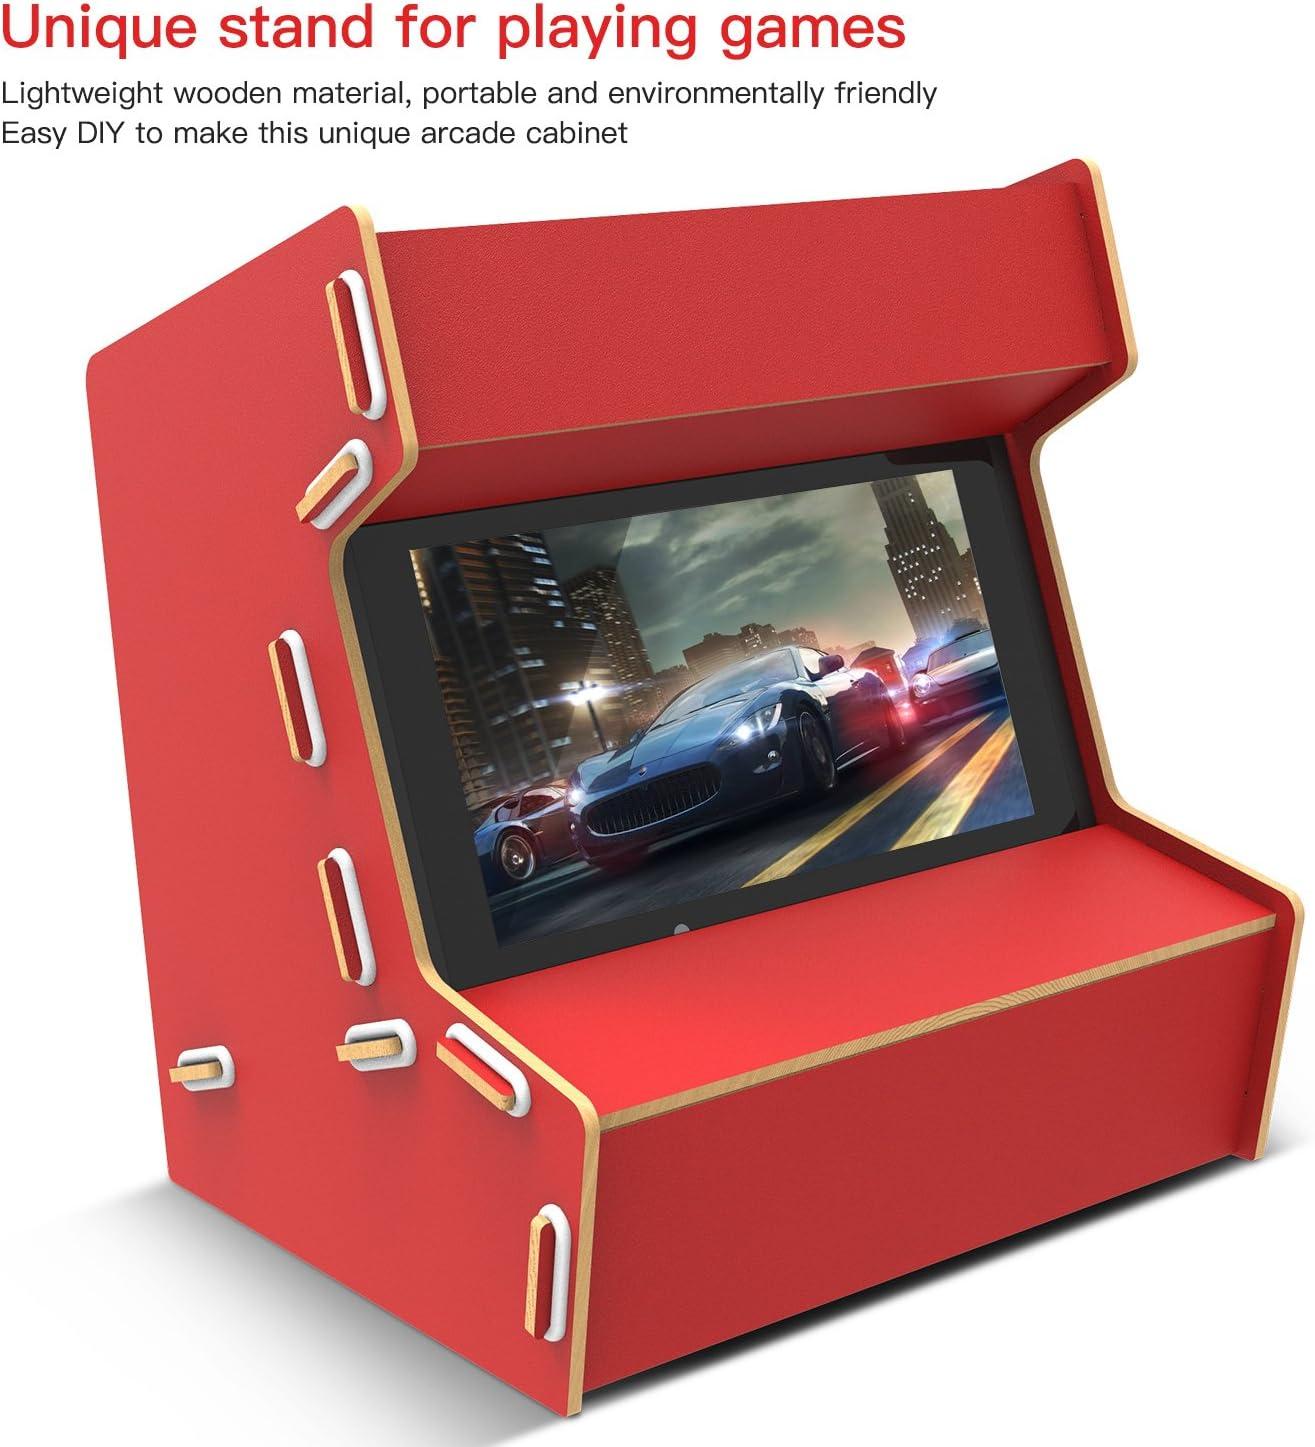 Nintendo Switch Arcade Cabinet Stand, Myriann Único Mano pura Arcade Gabinete para Nintendo Switch Experiencia de Juego Fresco Trae de Vuelta Nostalgia (Rojo): Amazon.es: Bricolaje y herramientas